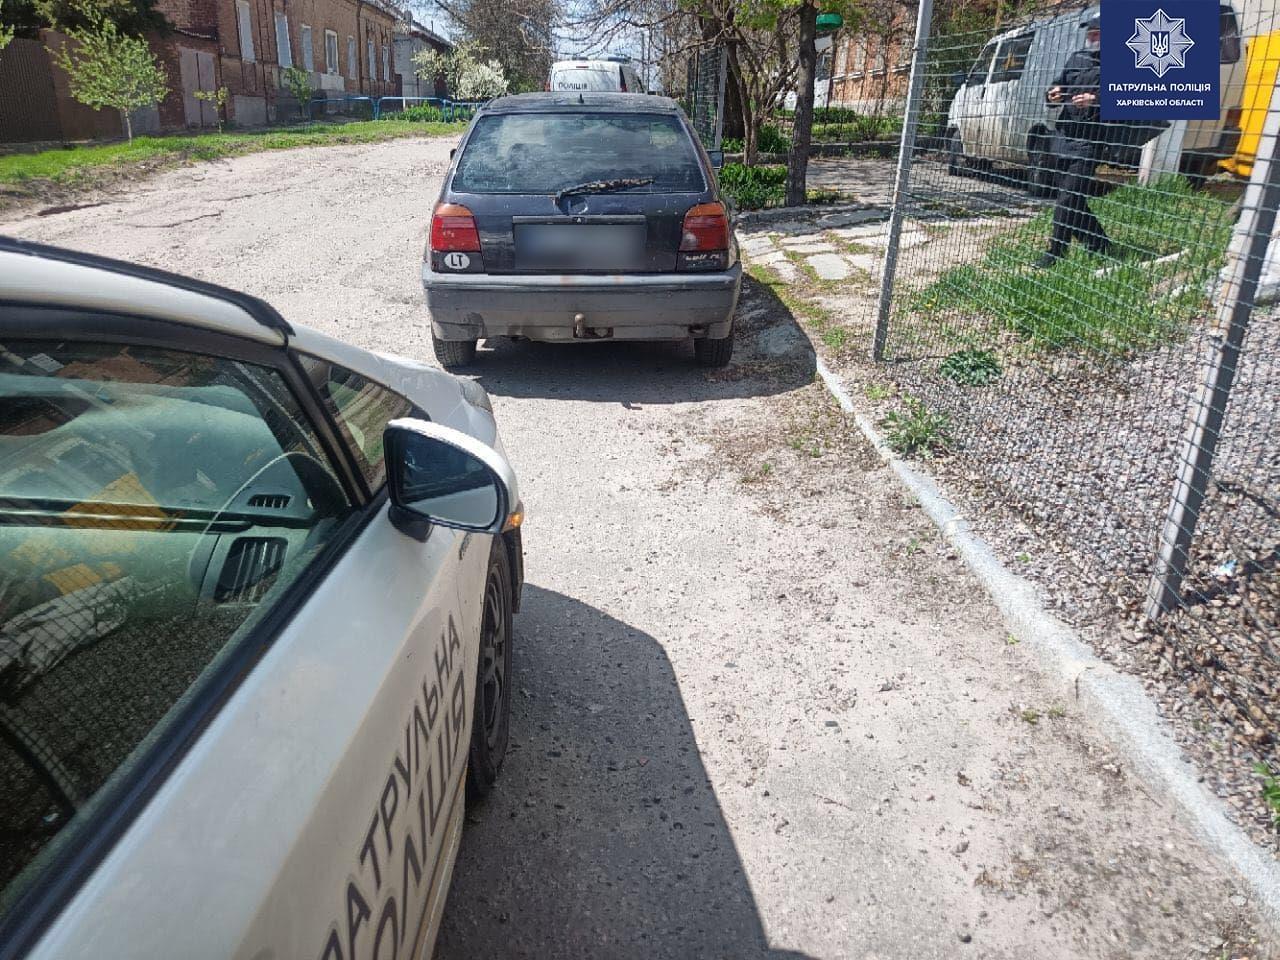 Харьковские патрульные обнаружили очередного водителя с подделанными документами (фото)